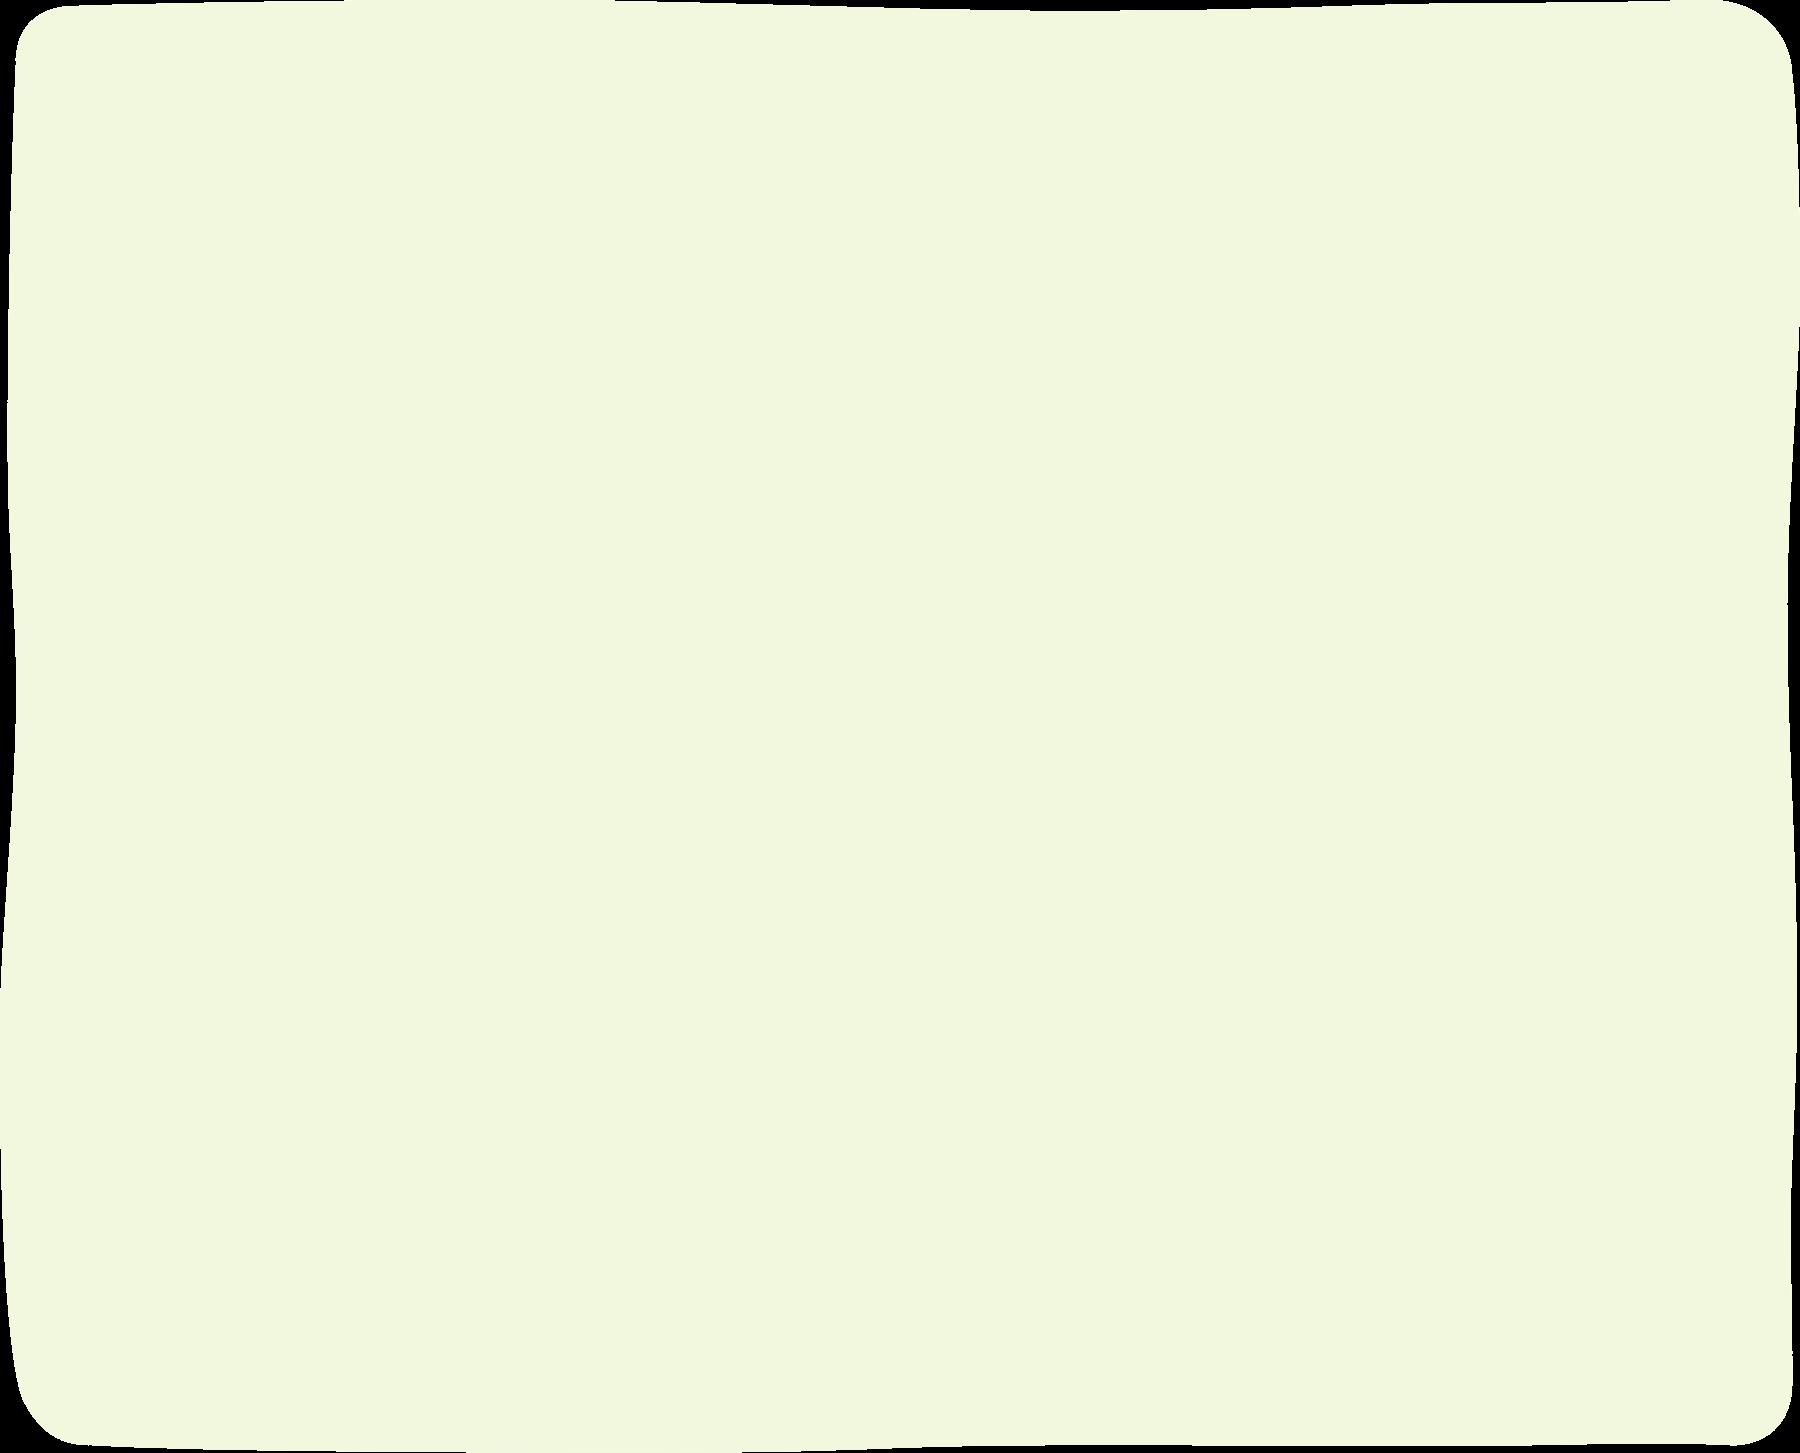 背景イメージ